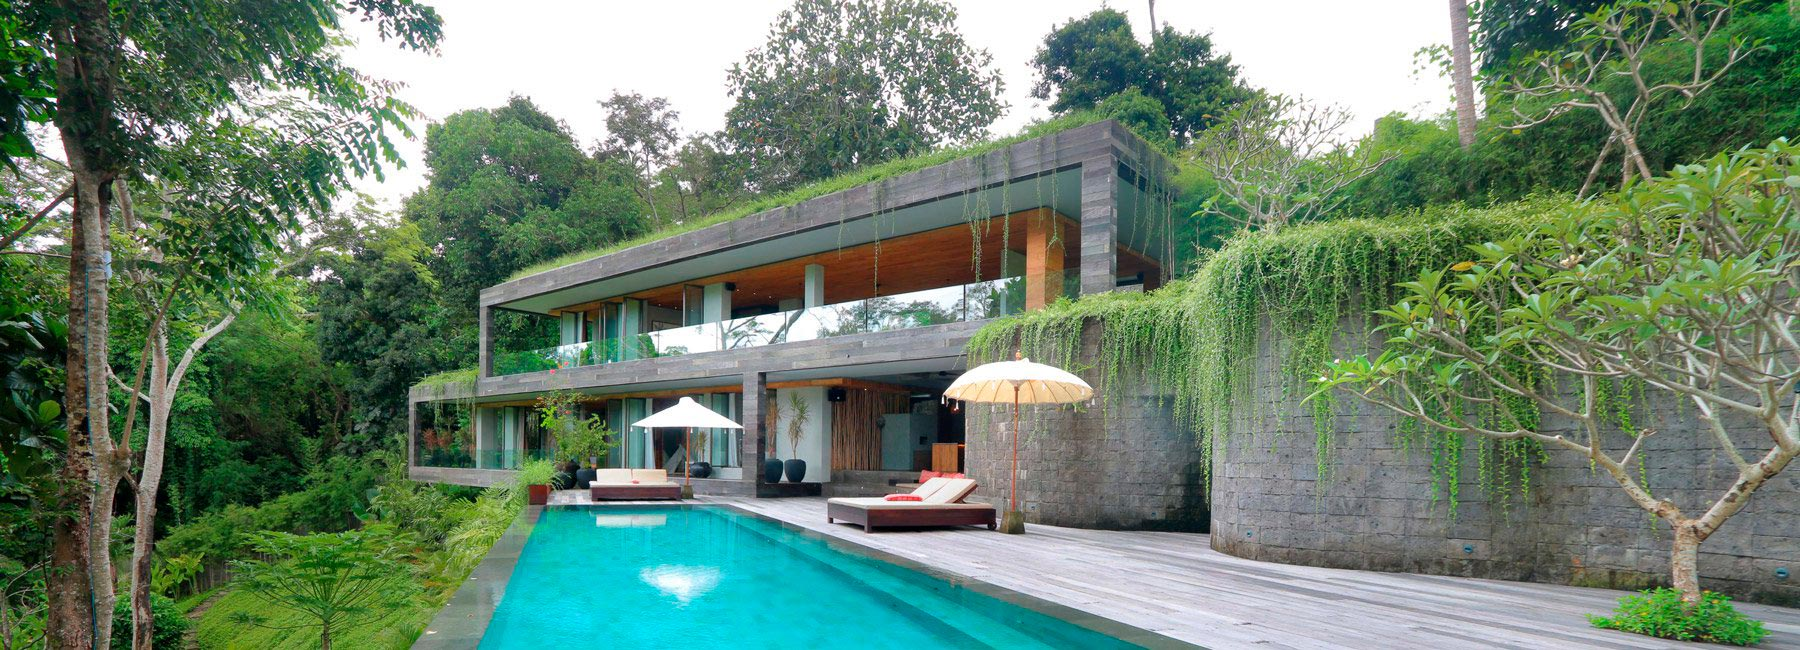 Вилла Хамелеон, проект WOM architects, Бали